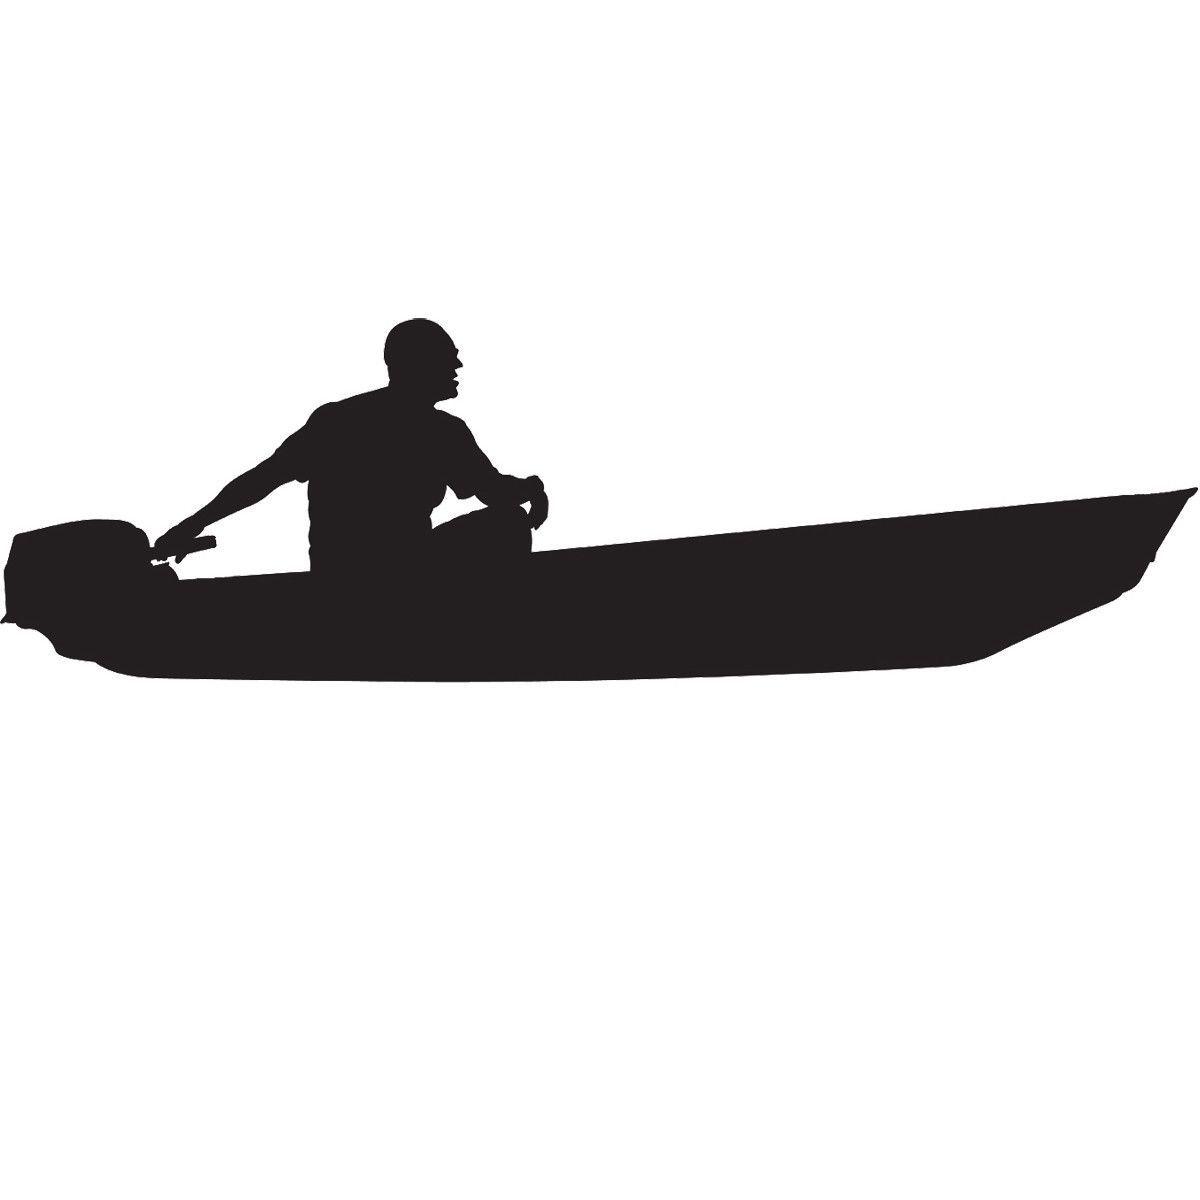 Jon boat decals vinyl graphics pinterest boat decals boat stickers e jon boat - Finestre per barche ...